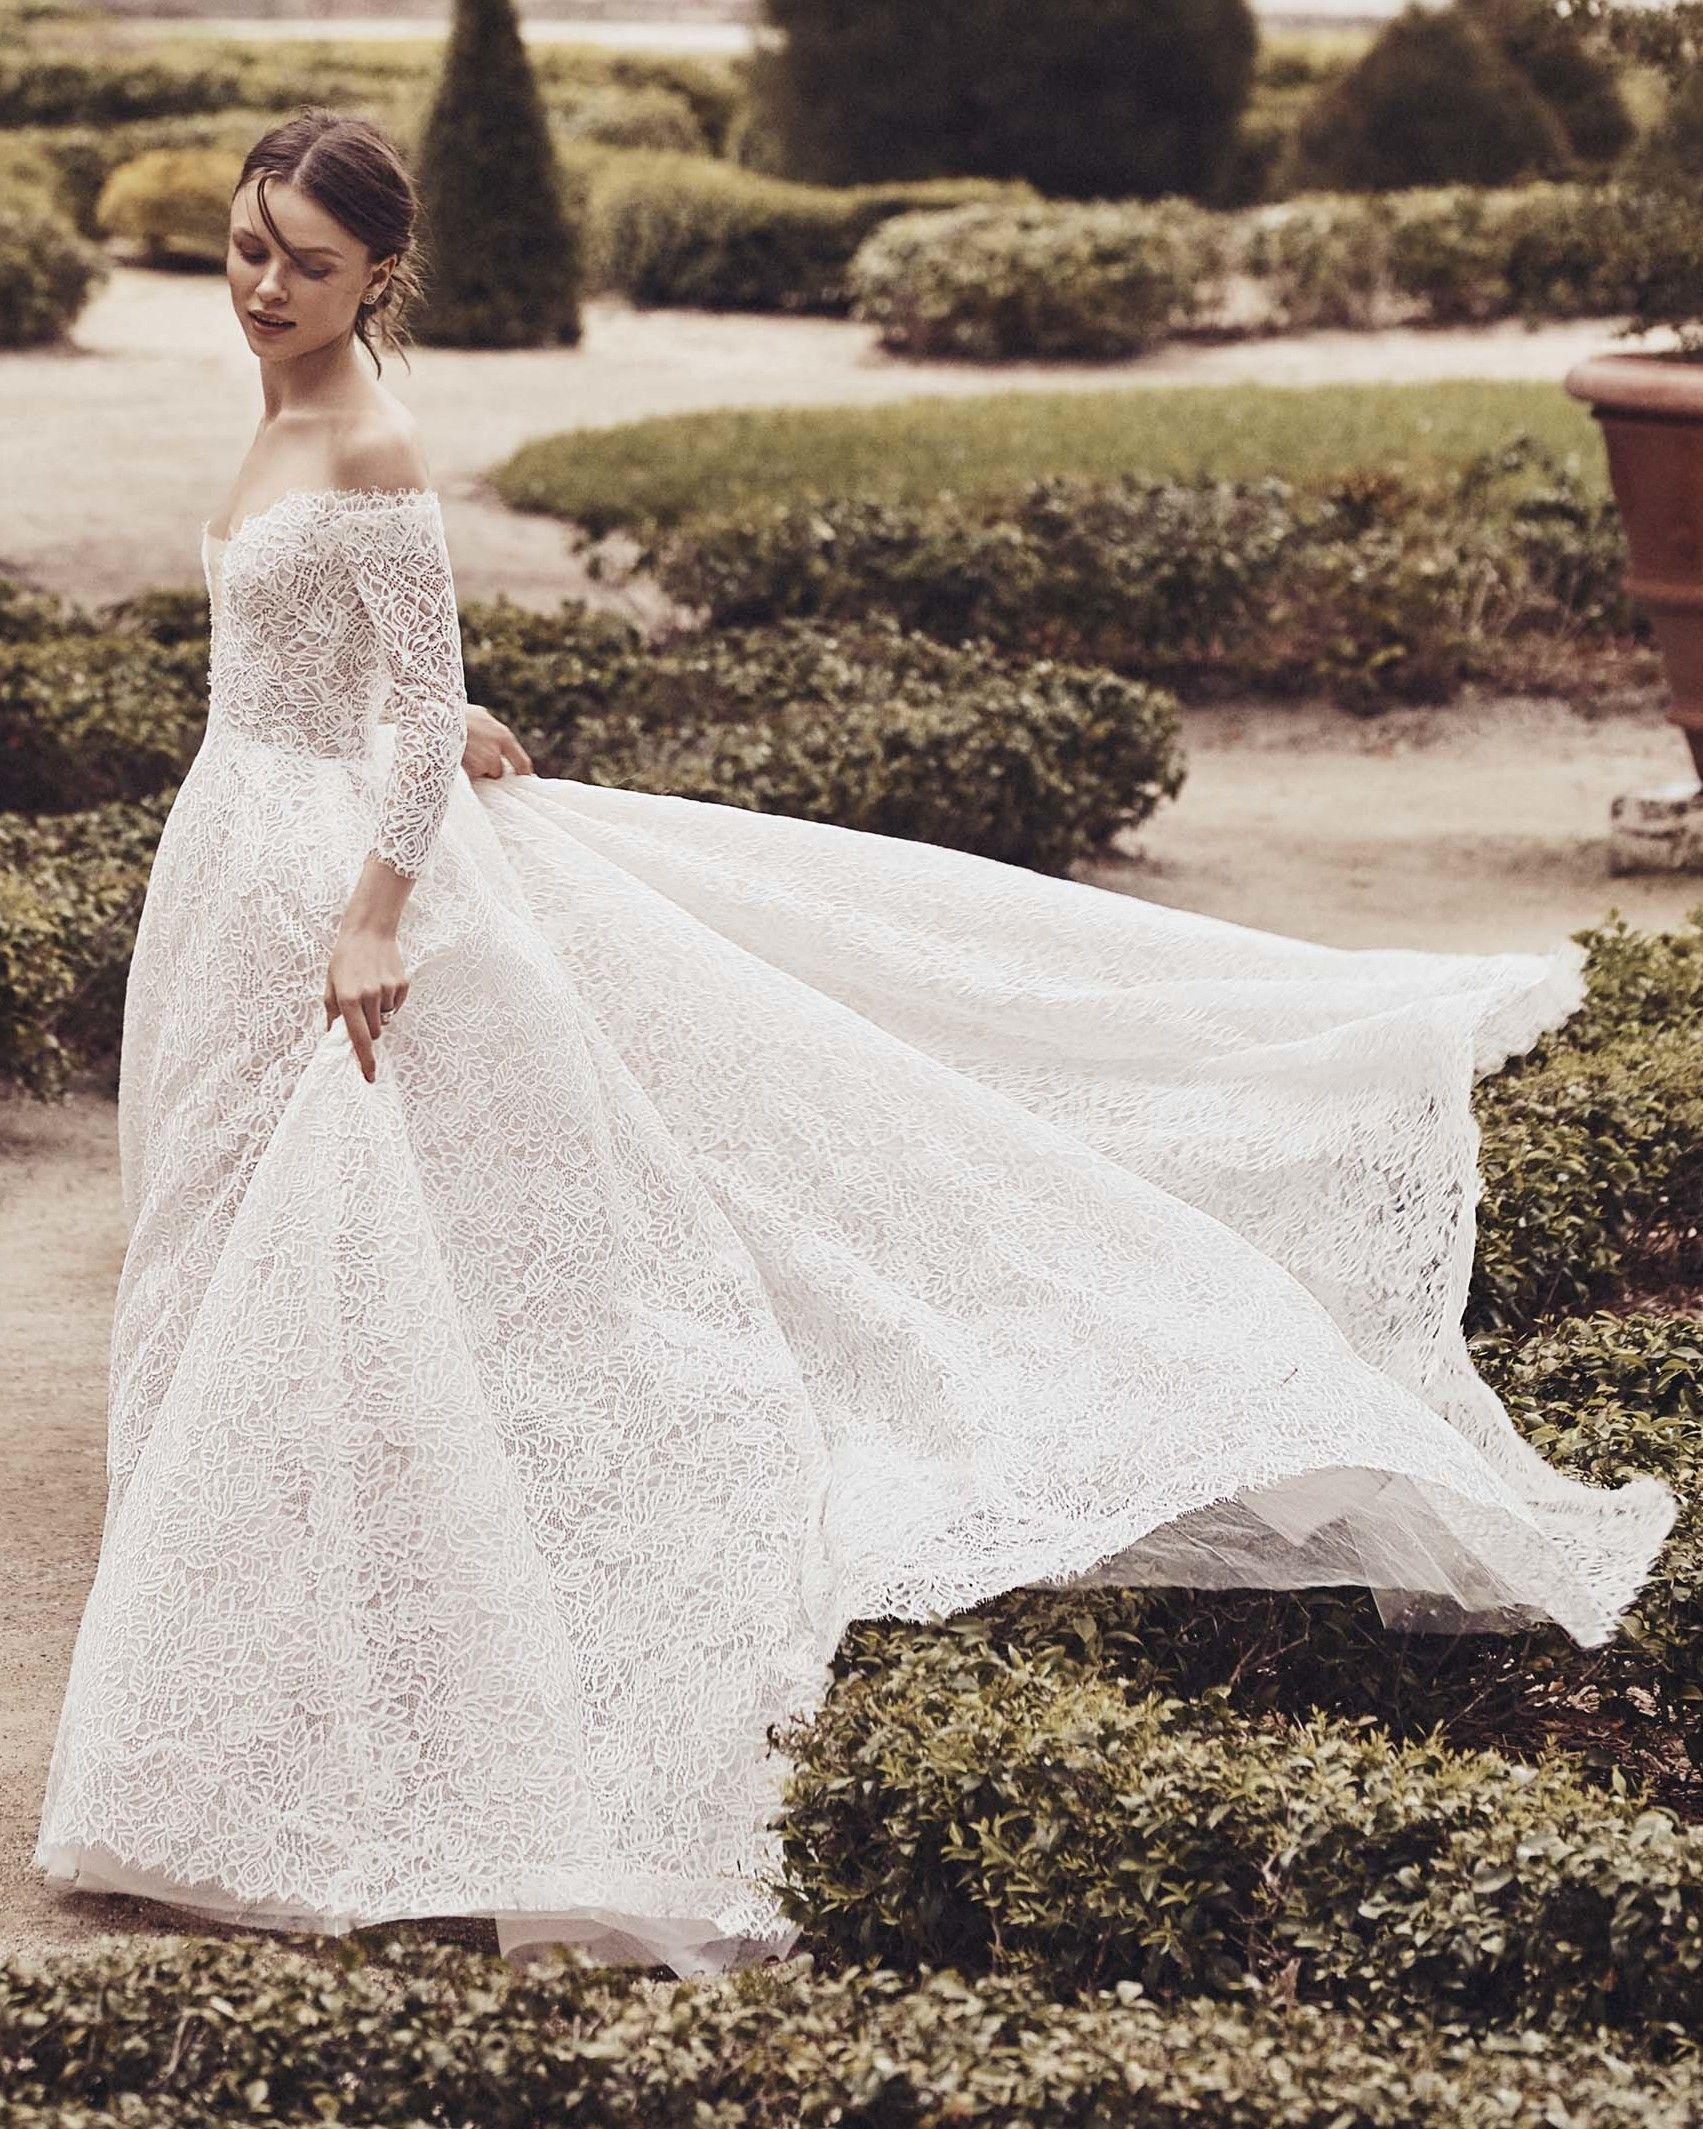 Monique Lhuillier Spring 2020 Wedding Dress Collection Plus